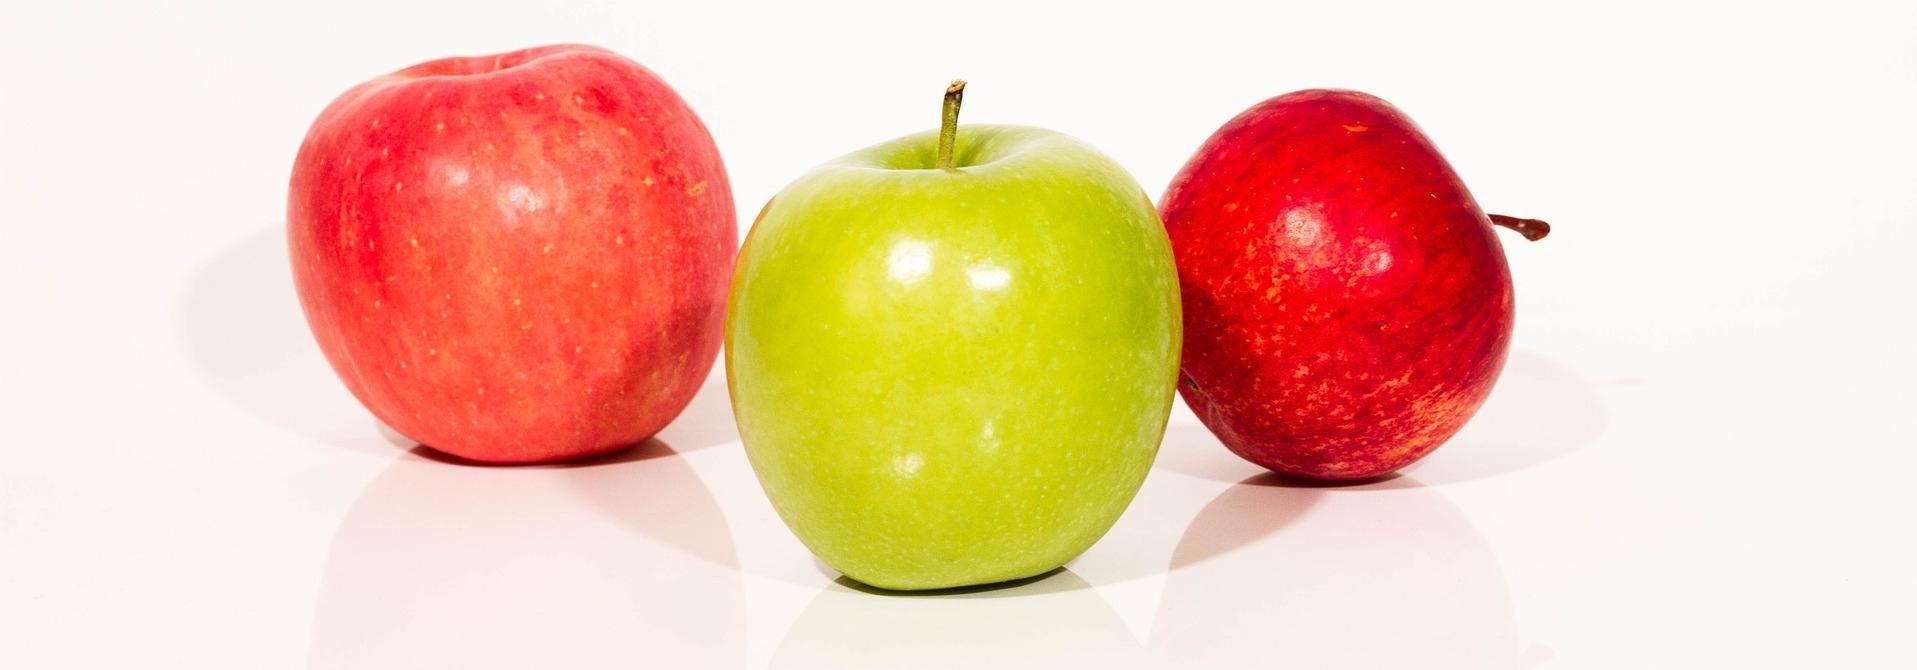 fruit-1868404_1920.jpg